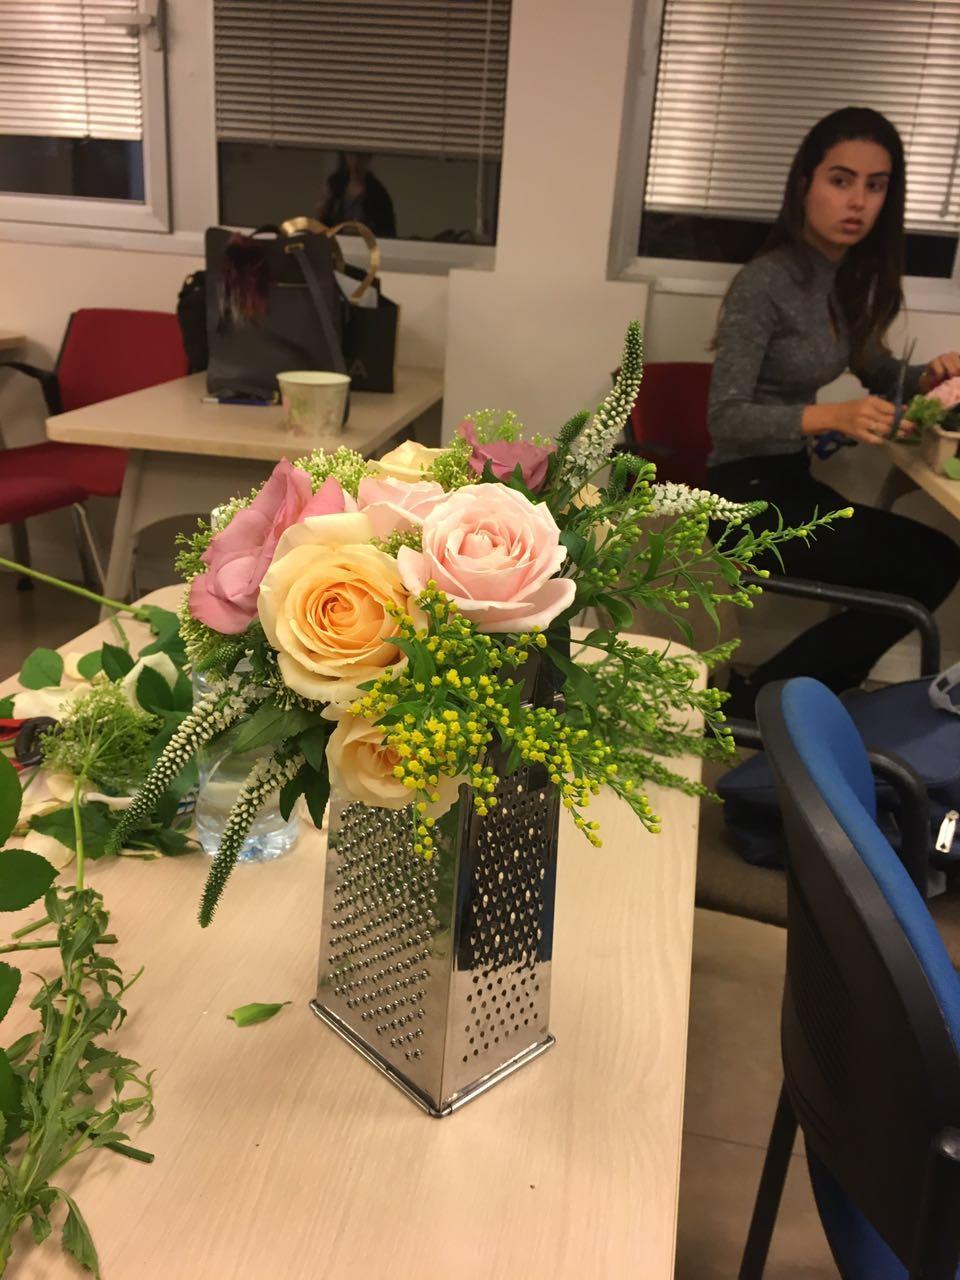 גלרייה - שזירת פרחים - קורס עיצוב ניהול והפקת אירועים מחזור 15, 2 מתוך 22